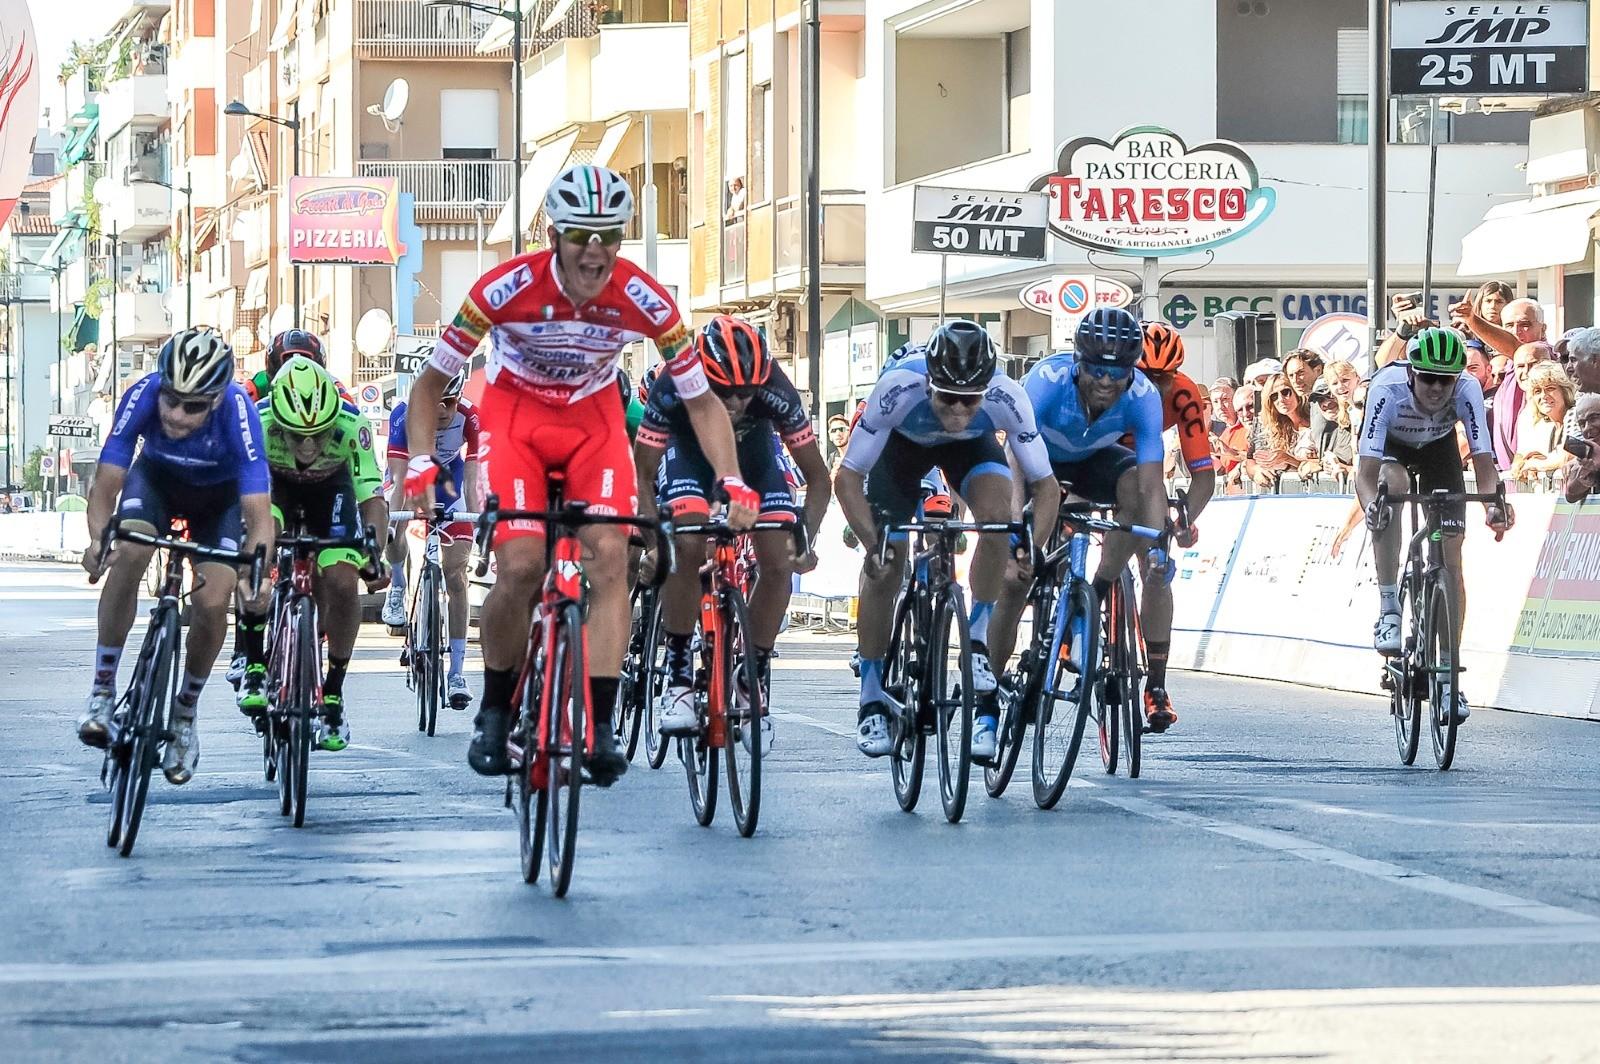 Ciclismo, Trofeo Matteotti: bis Ballerini allo sprint